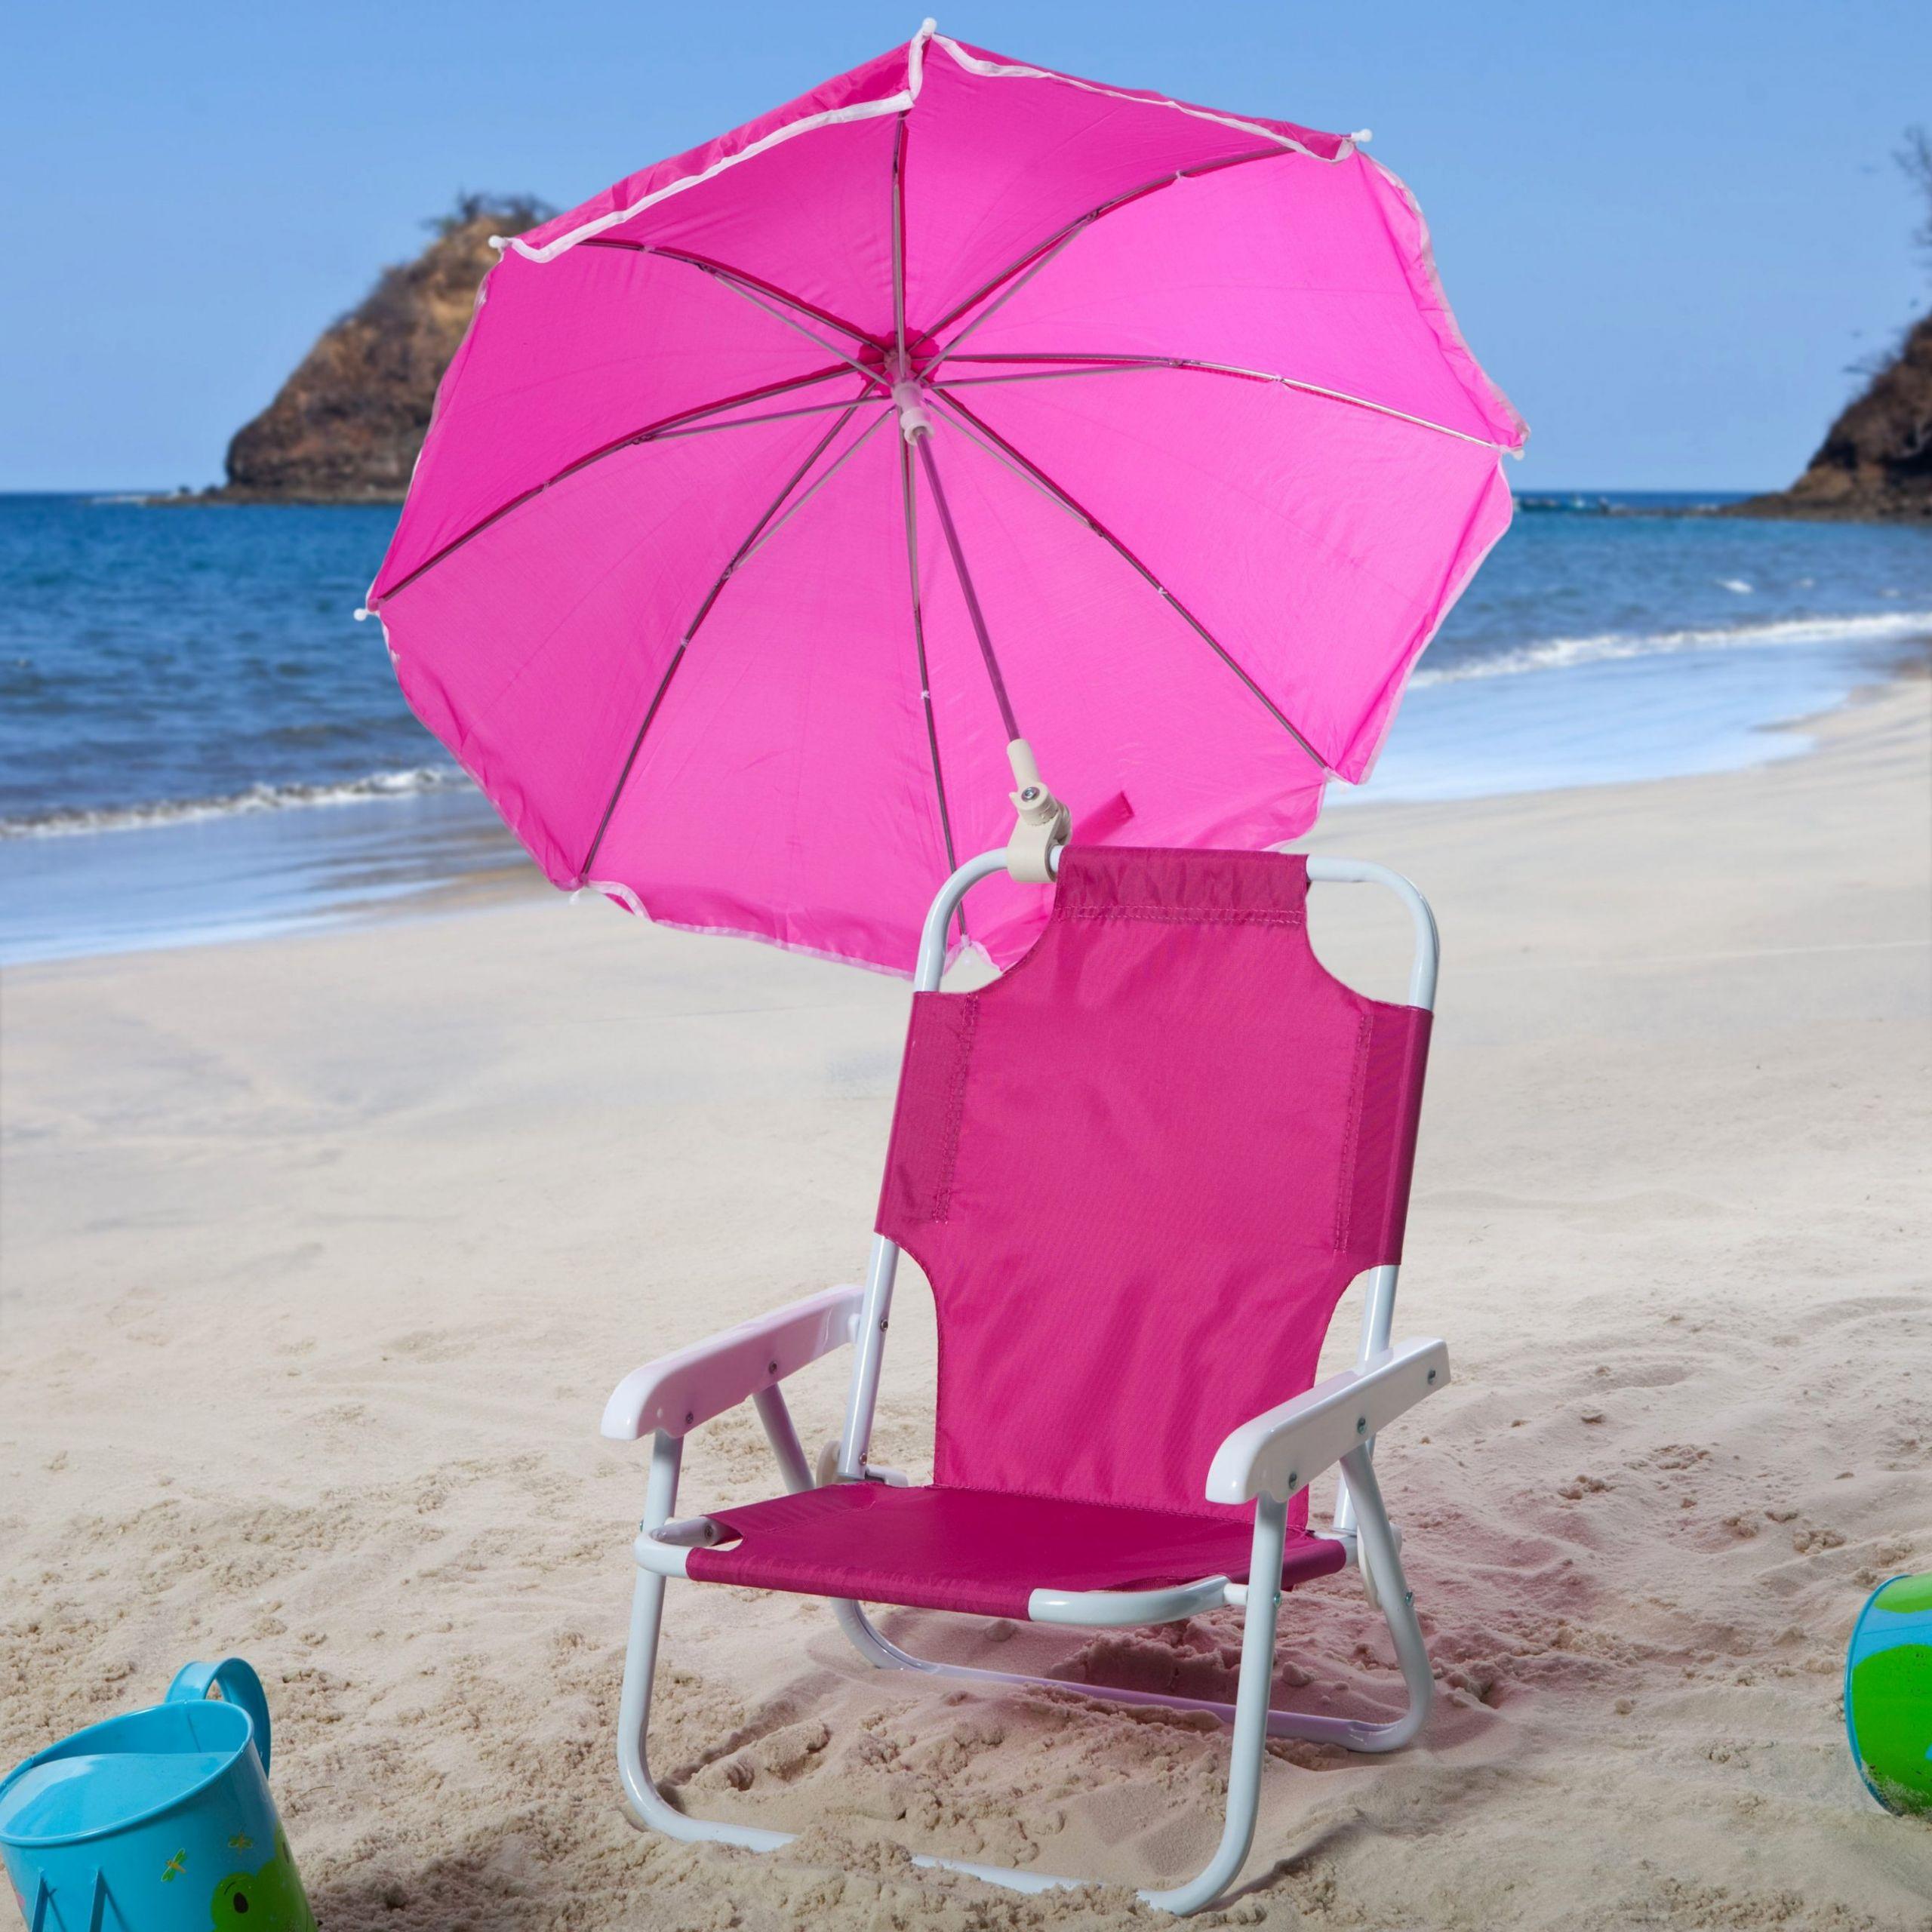 Kids Beach Chair With Umbrella  Kids Beach Chair With Umbrella